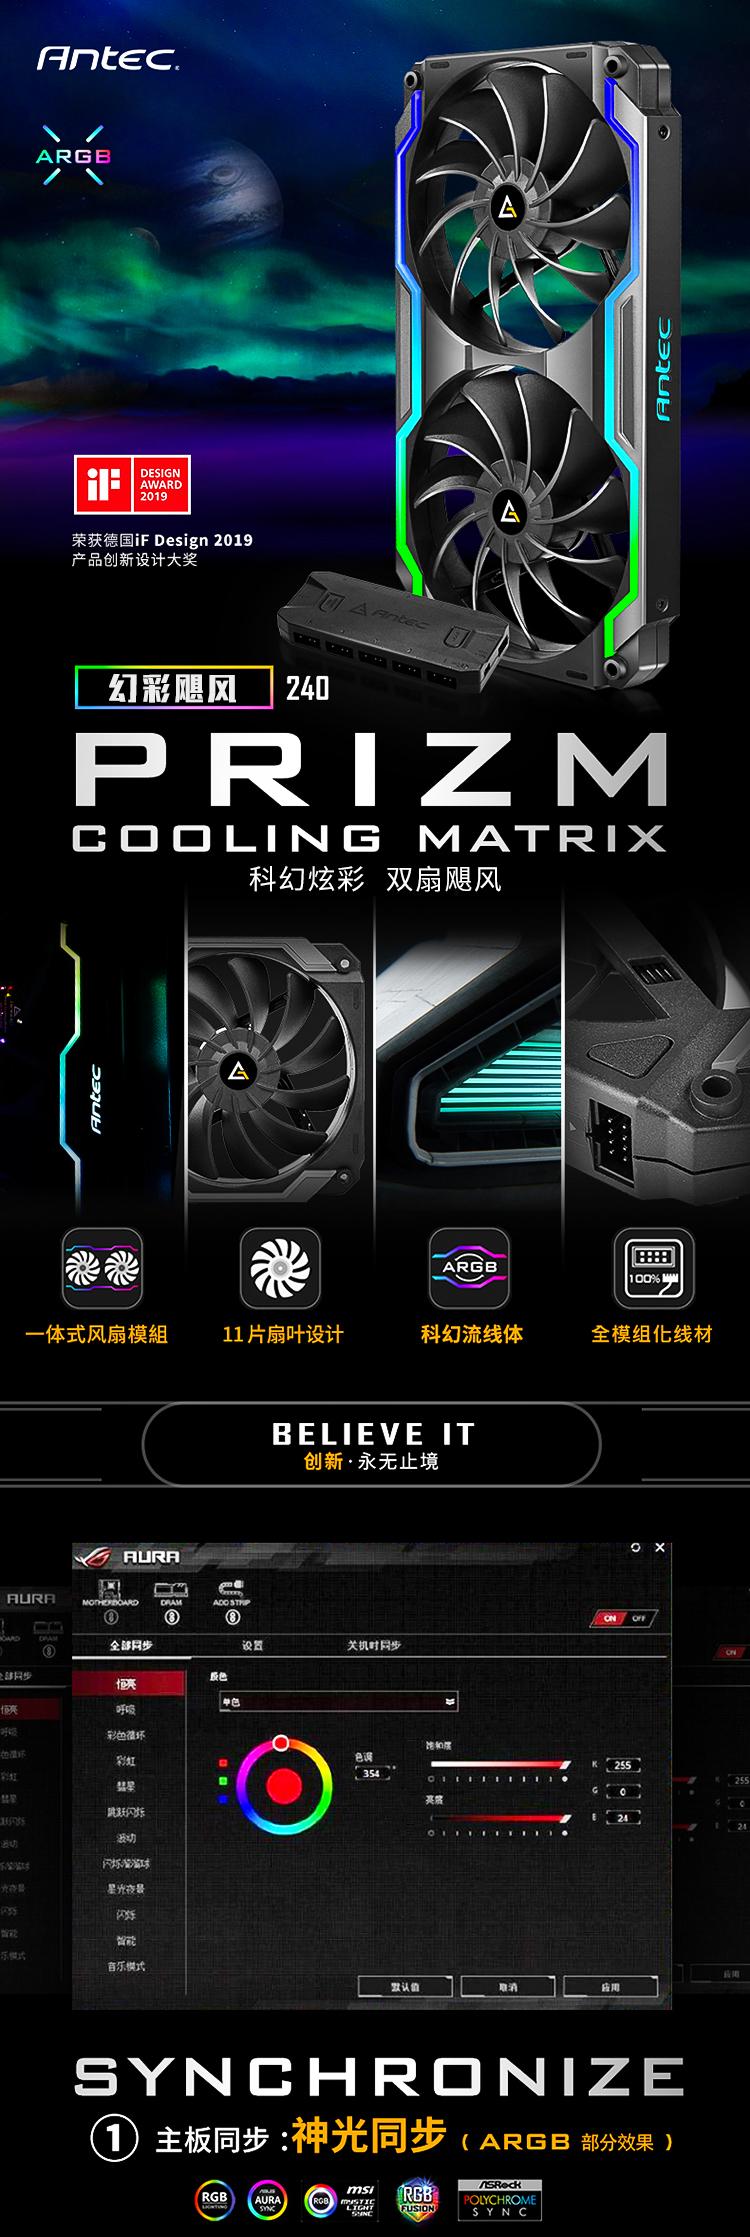 安钛克 幻彩 飓风 模组风扇 电脑CPU 主机箱 风扇 智能温控 主板神光同步